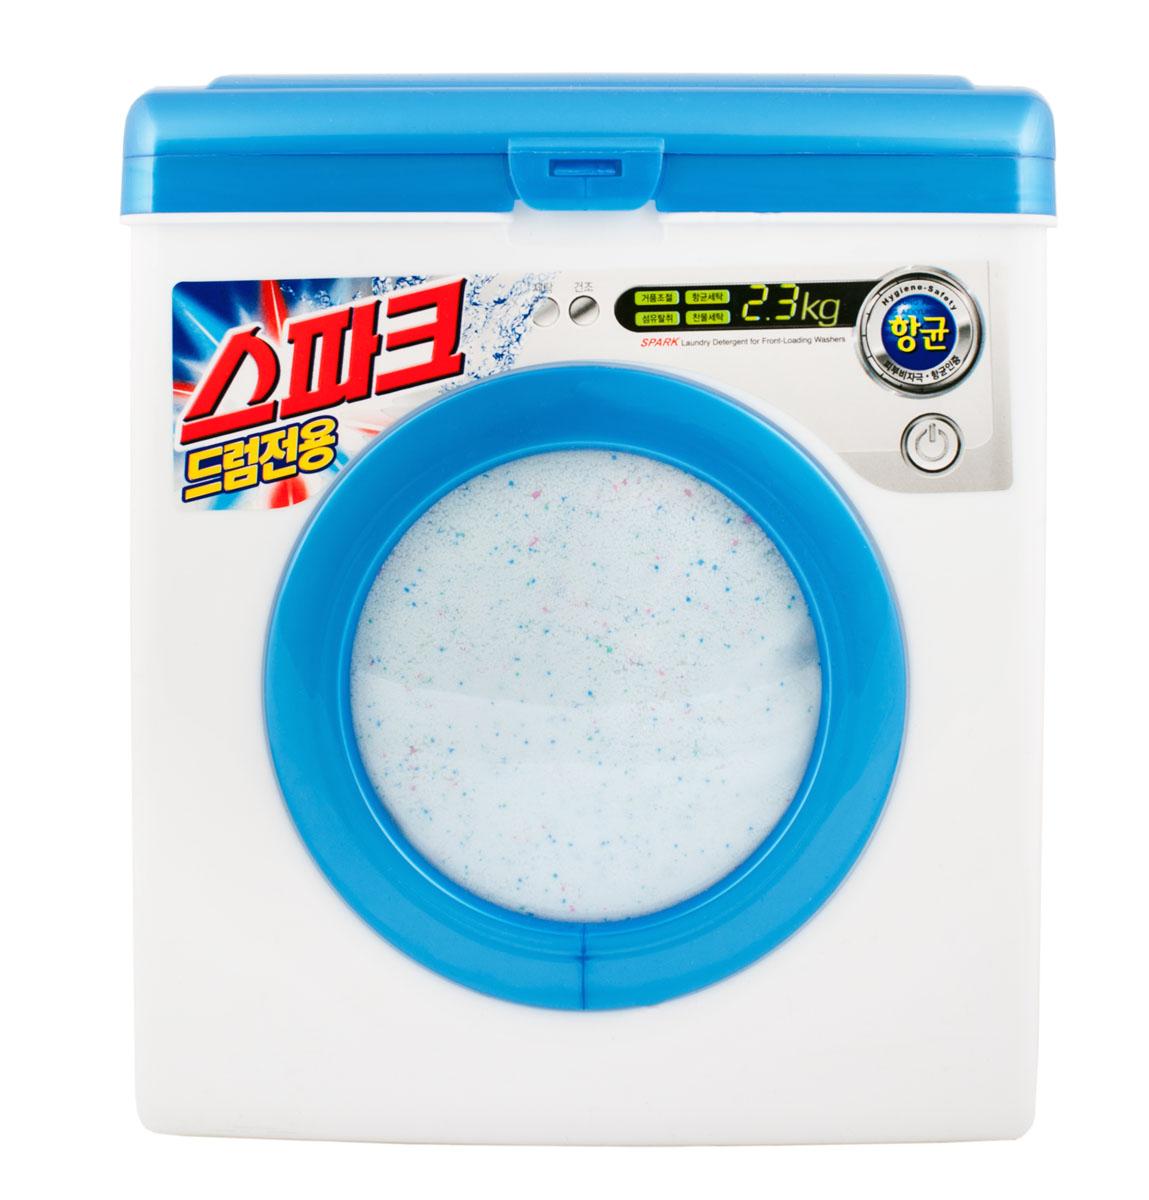 Стиральный порошок Spark Drum, с кислородным отбеливателем, 2,3 кг867853Стиральный порошок Spark Drum подходит для автоматических стиральных машин любого типа и ручной стирки.Упаковка стирального порошка Spark Drum выполнена в виде стиральной машины белого цвета.Порошок отстирывает и удаляет въевшиеся пятна даже в холодной воде. Система двойного контроля пенообразования облегчает процесс полоскания, что экономит воду и время. Порошок легко решает проблему сушки белья. Благодаря входящим в состав активным ферментам и экстракту хвои, которые удаляют бактерии, являющиеся причиной неприятного запаха, белье можно сушить в непроветриваемых помещениях. Пластиковая упаковка не боится влаги.Порошок не содержит фосфатов. Товар сертифицирован.